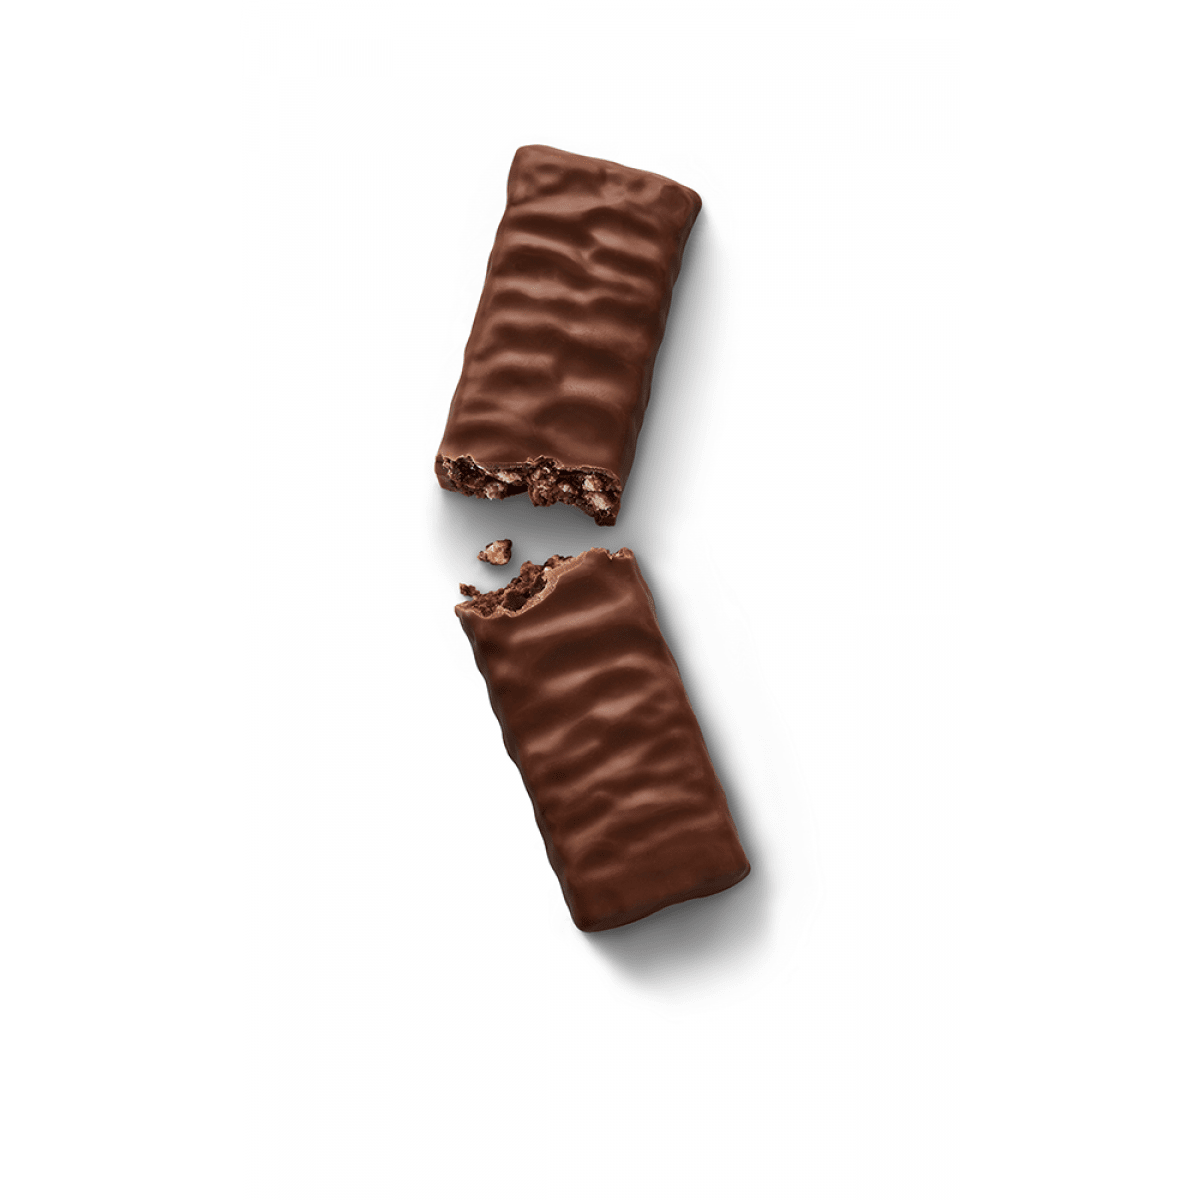 WW Proteinriegel mit Schokolade 5er Pack 1